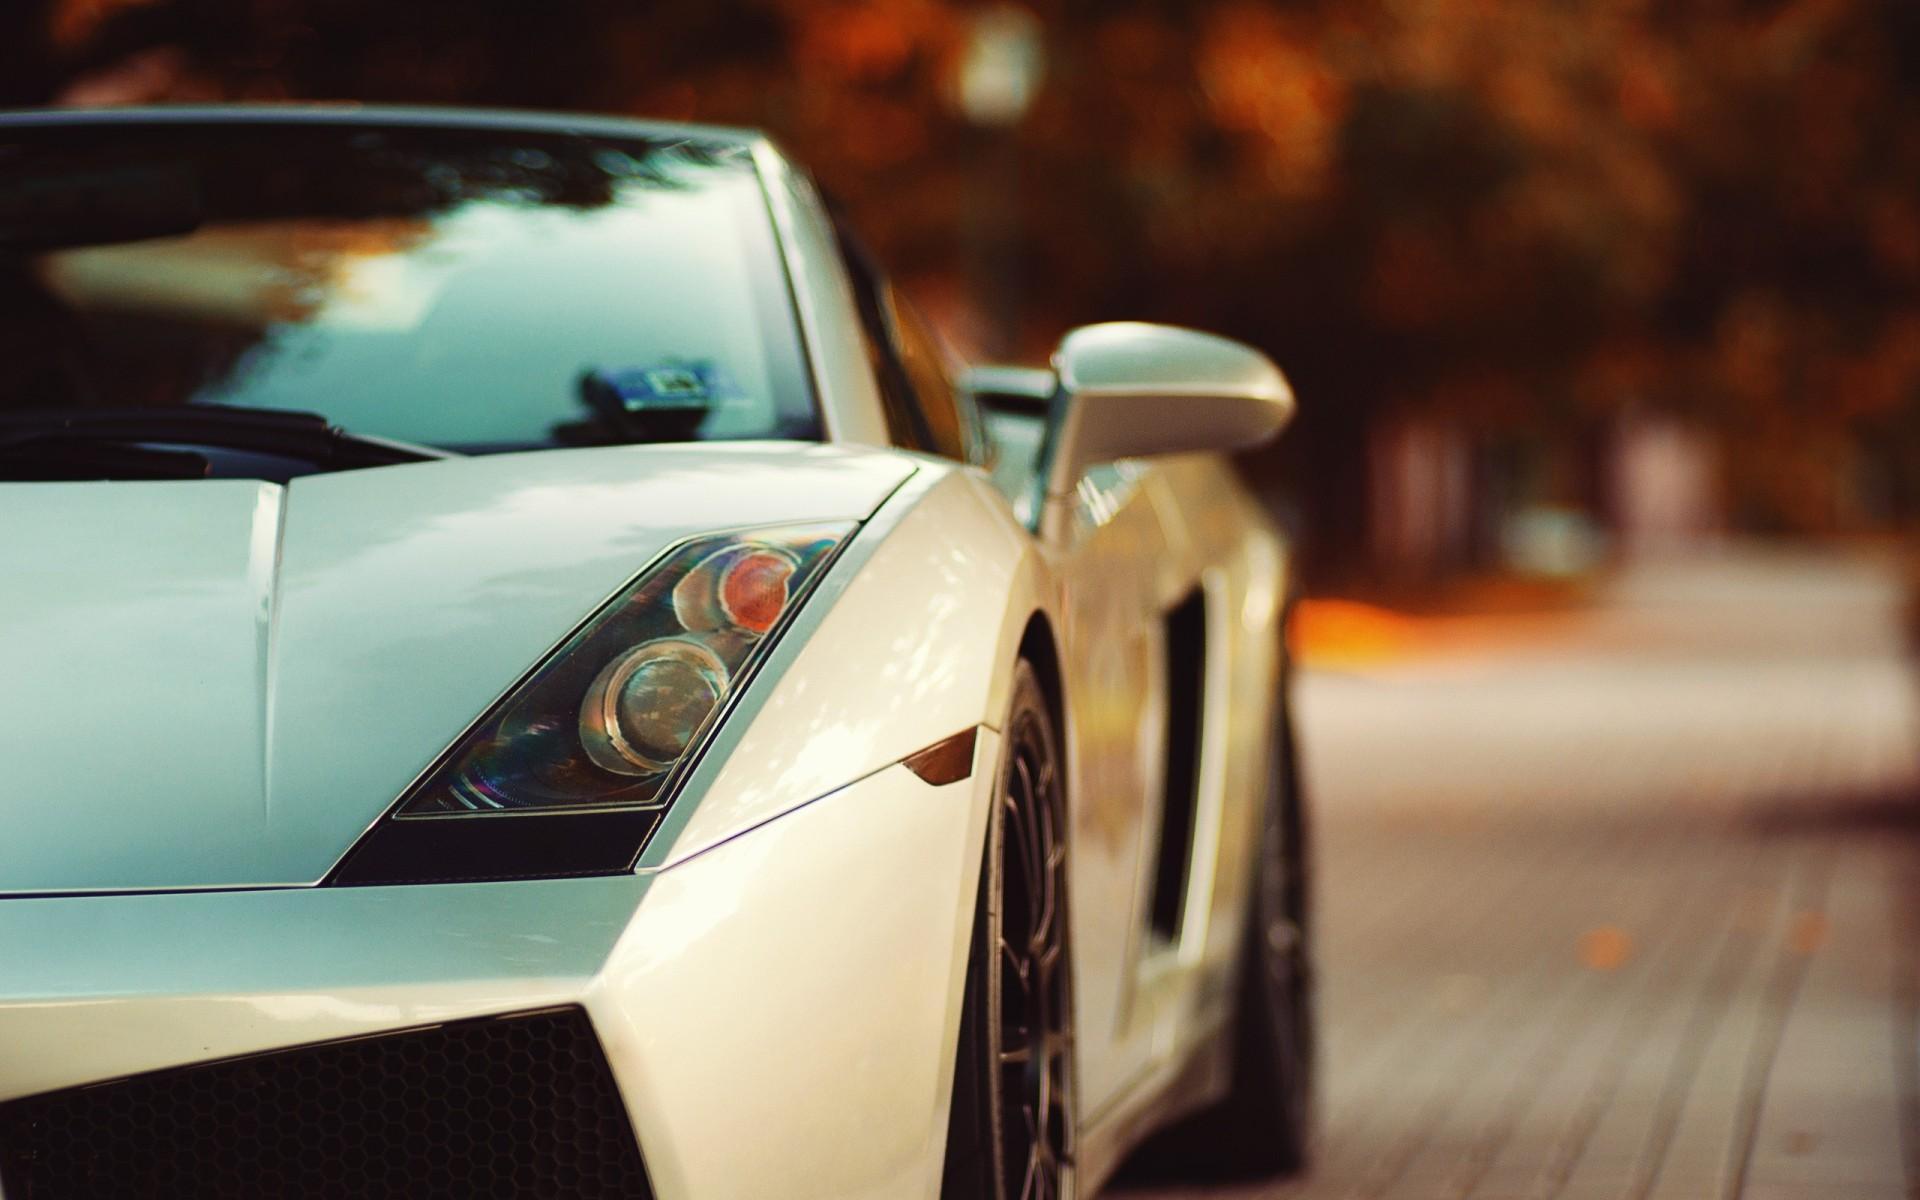 Wallpaper Muscle Car Hd Lamborghini Super Car Wallpaper Hd Car Wallpapers Id 2629